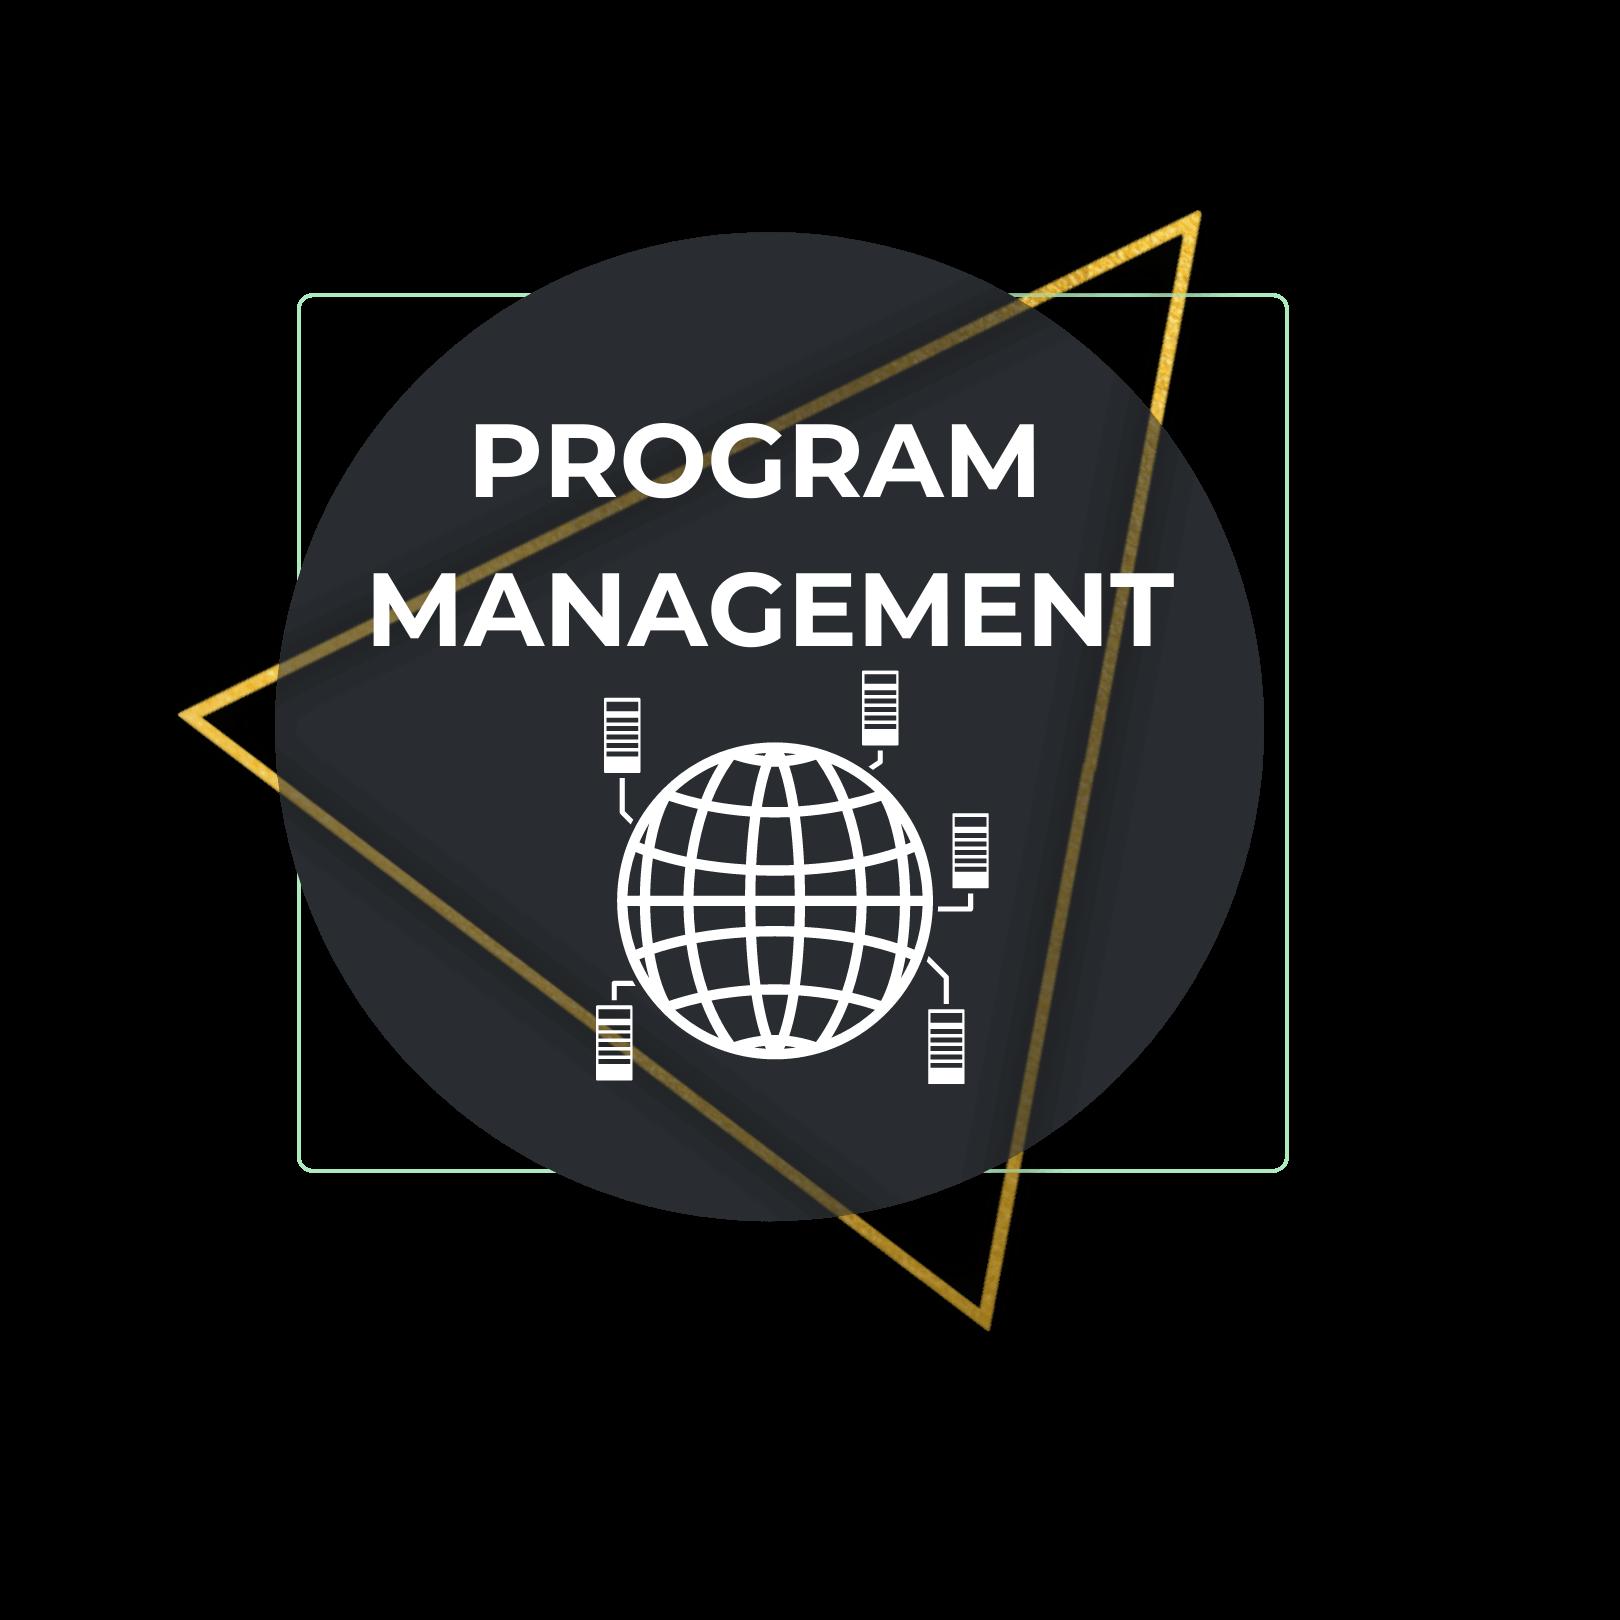 Program Management, Agile Business Concepts